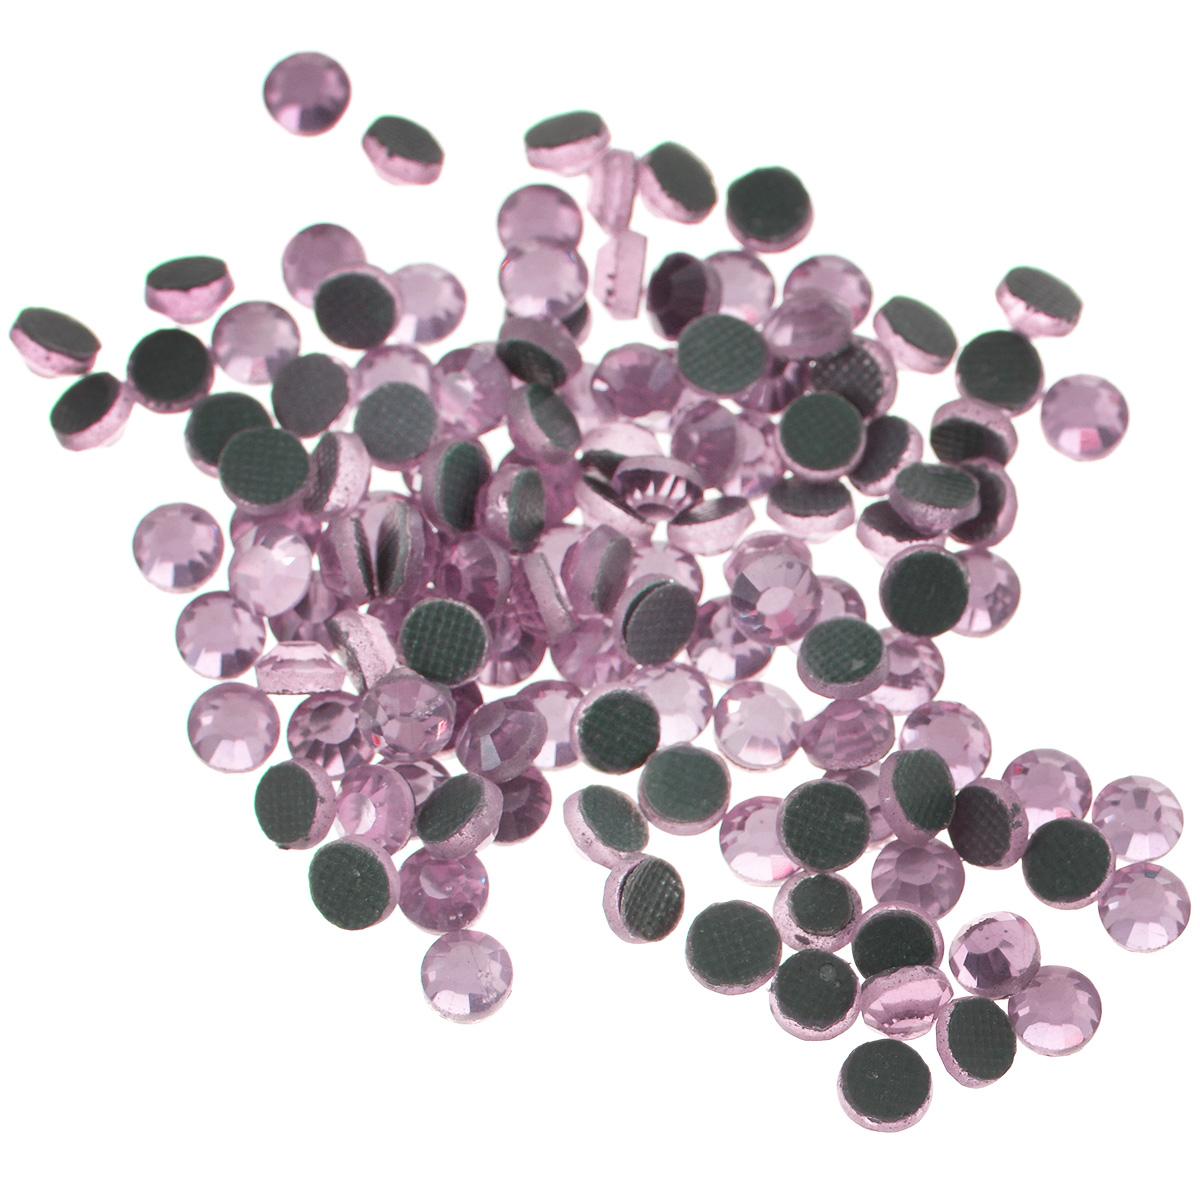 Стразы термоклеевые Cristal, цвет: светло-розовый (223), диаметр 4 мм, 144 шт7706831_223Набор термоклеевых страз Cristal, изготовленный из высококачественного акрила, позволит вам украсить одежду, аксессуары или текстиль. Яркие стразы имеют плоское дно и круглую поверхность с гранями.Дно термоклеевых страз уже обработано особым клеем, который под воздействием высоких температур начинает плавиться, приклеиваясь, таким образом, к требуемой поверхности. Чаще всего их используют в текстильной промышленности: стразы прикладывают к ткани и проглаживают утюгом с обратной стороны. Также можно использовать специальный паяльник. Украшение стразами поможет сделать любую вещь оригинальной и неповторимой. Диаметр стразы: 4 мм.